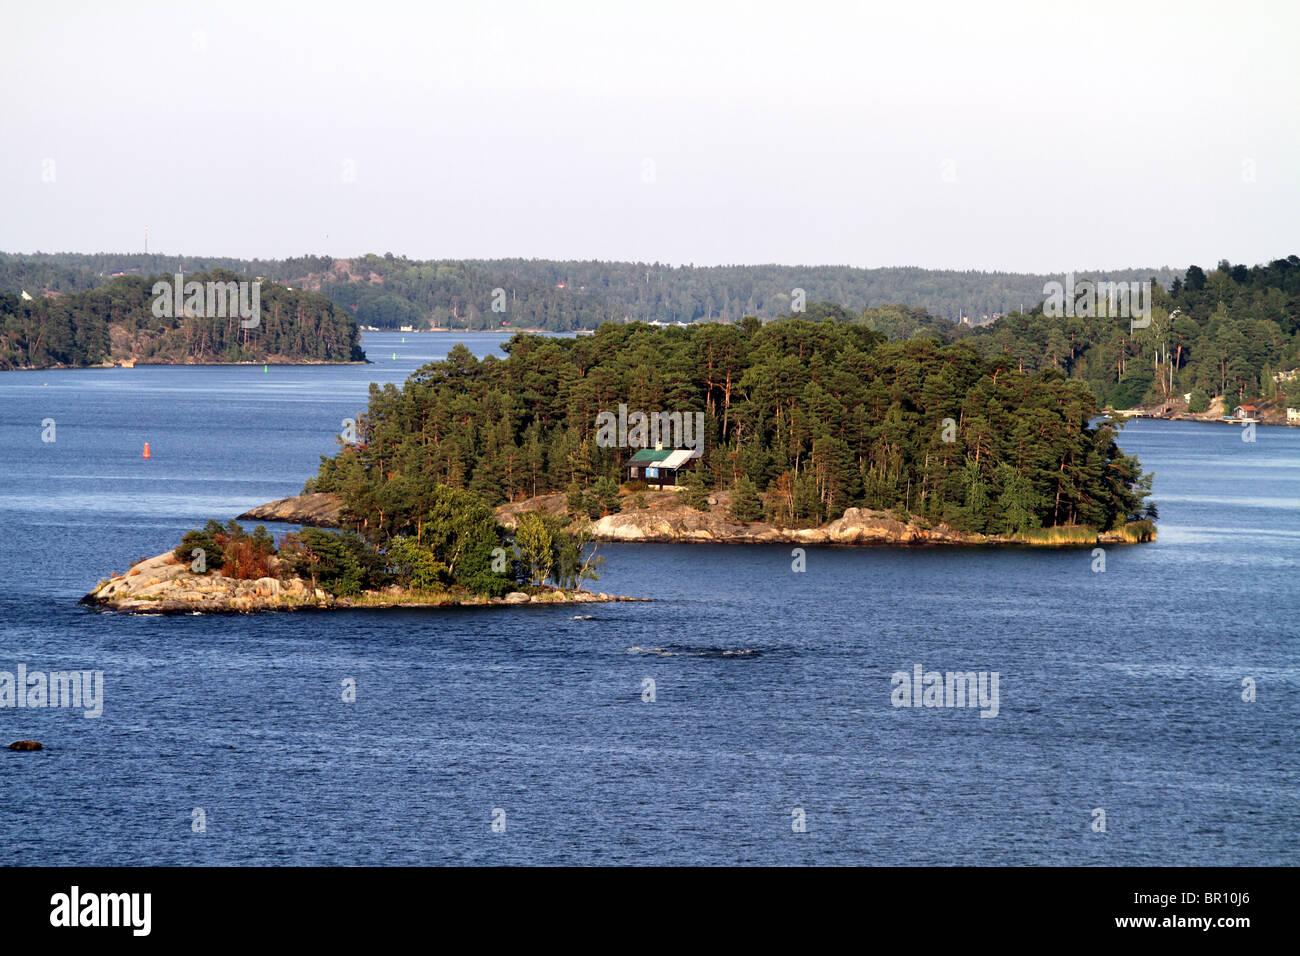 Islands in the Stockholm Archipelago in Stockholm, Sweden - Stock Image